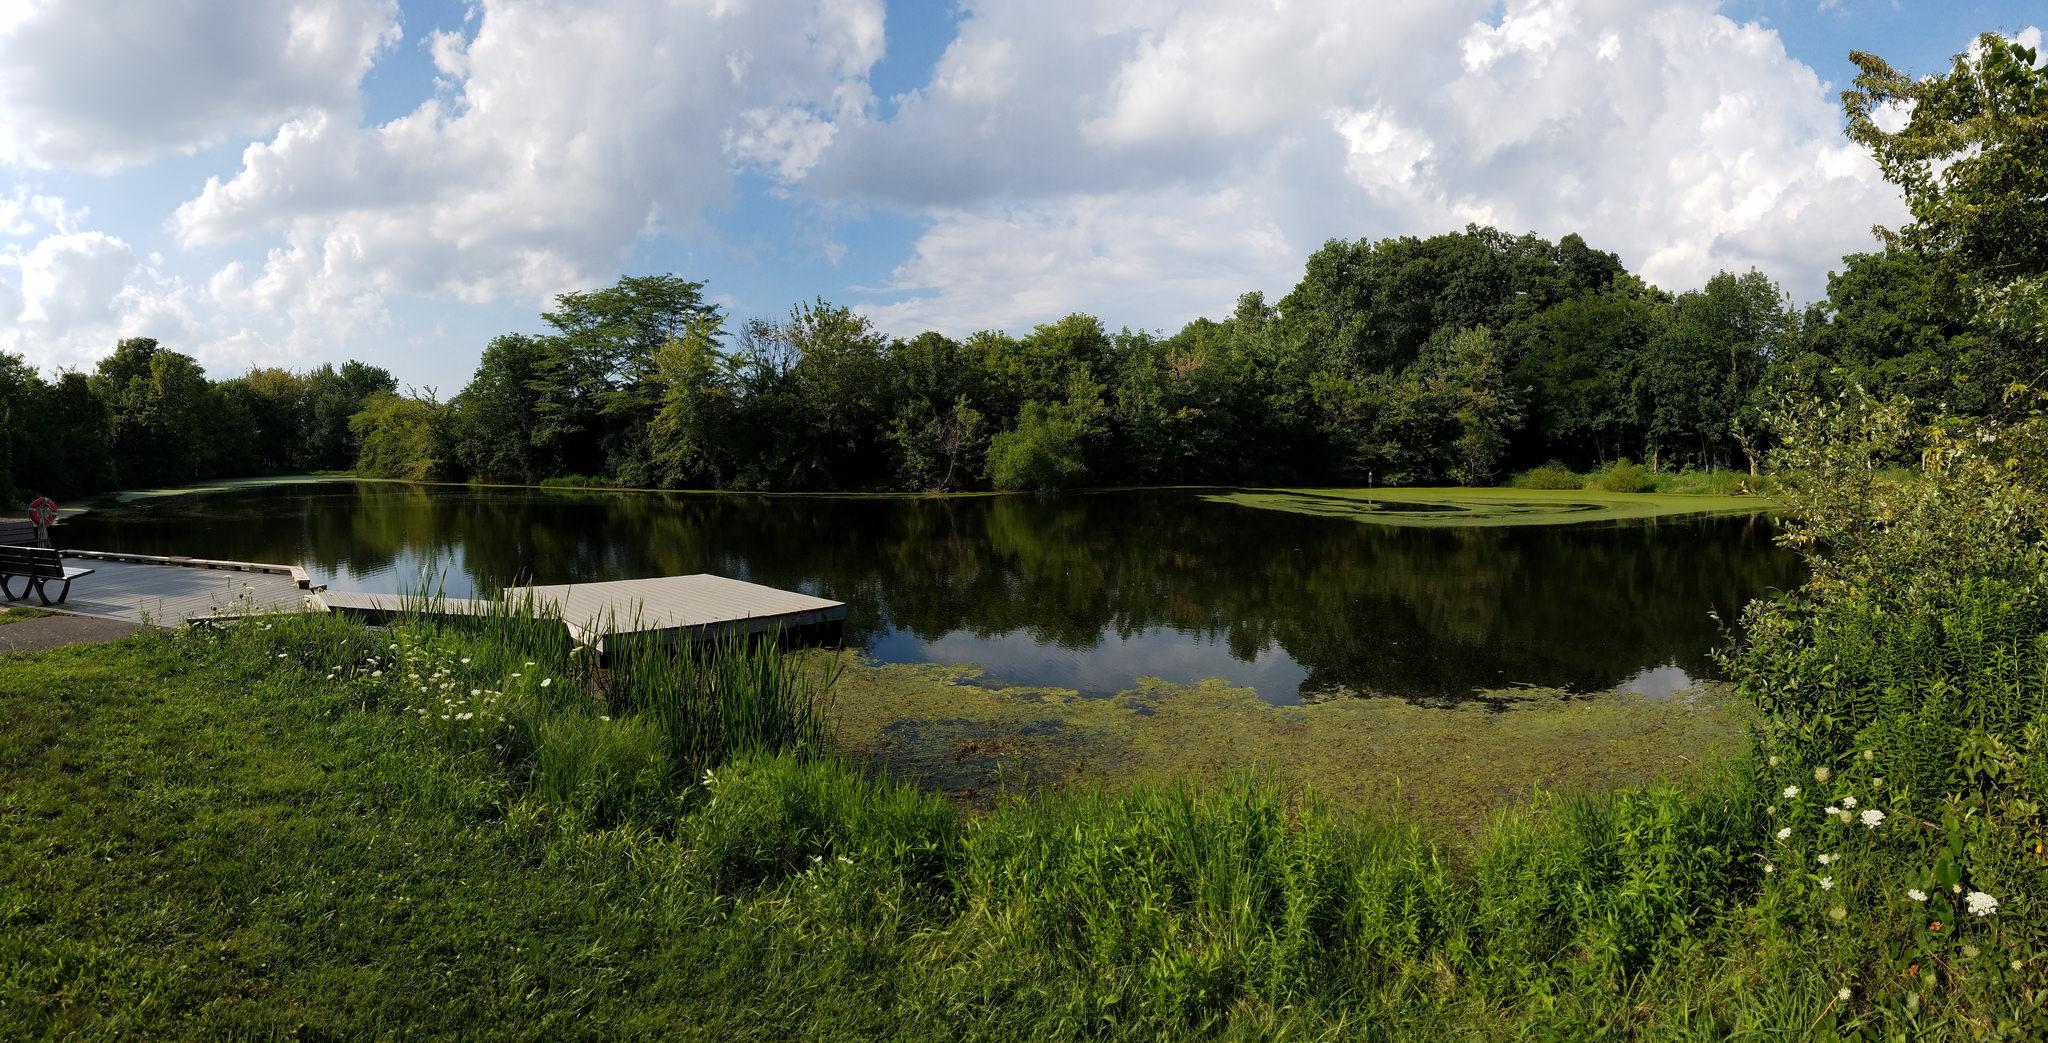 Scioto Grove Meto Park in rove City Ohio